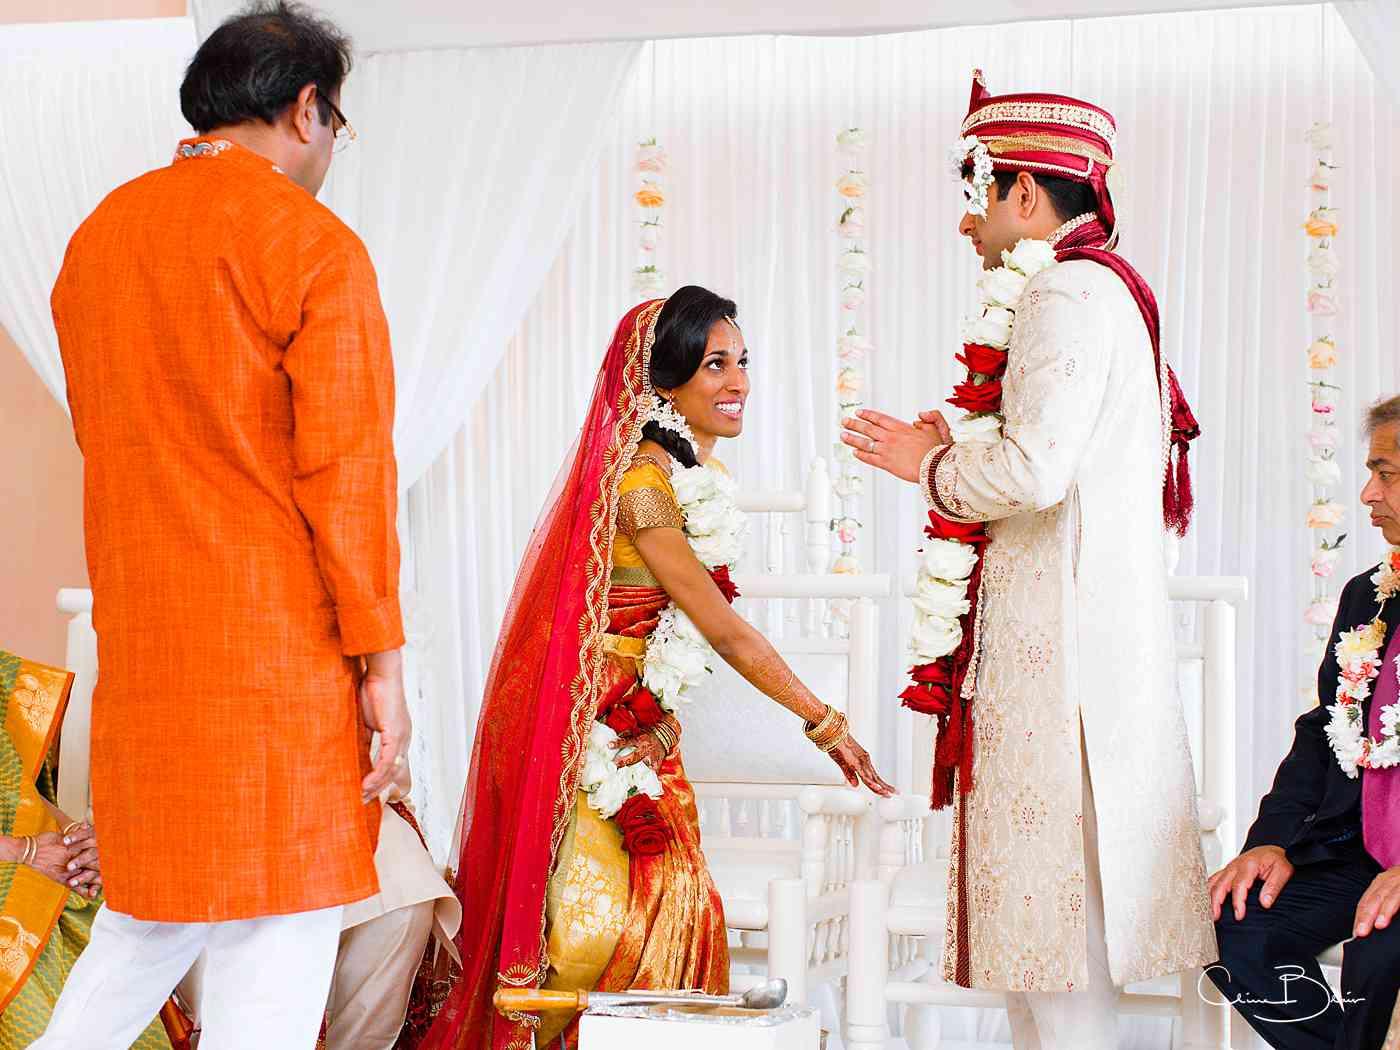 Bride welcoming groom during Hindu wedding celebration